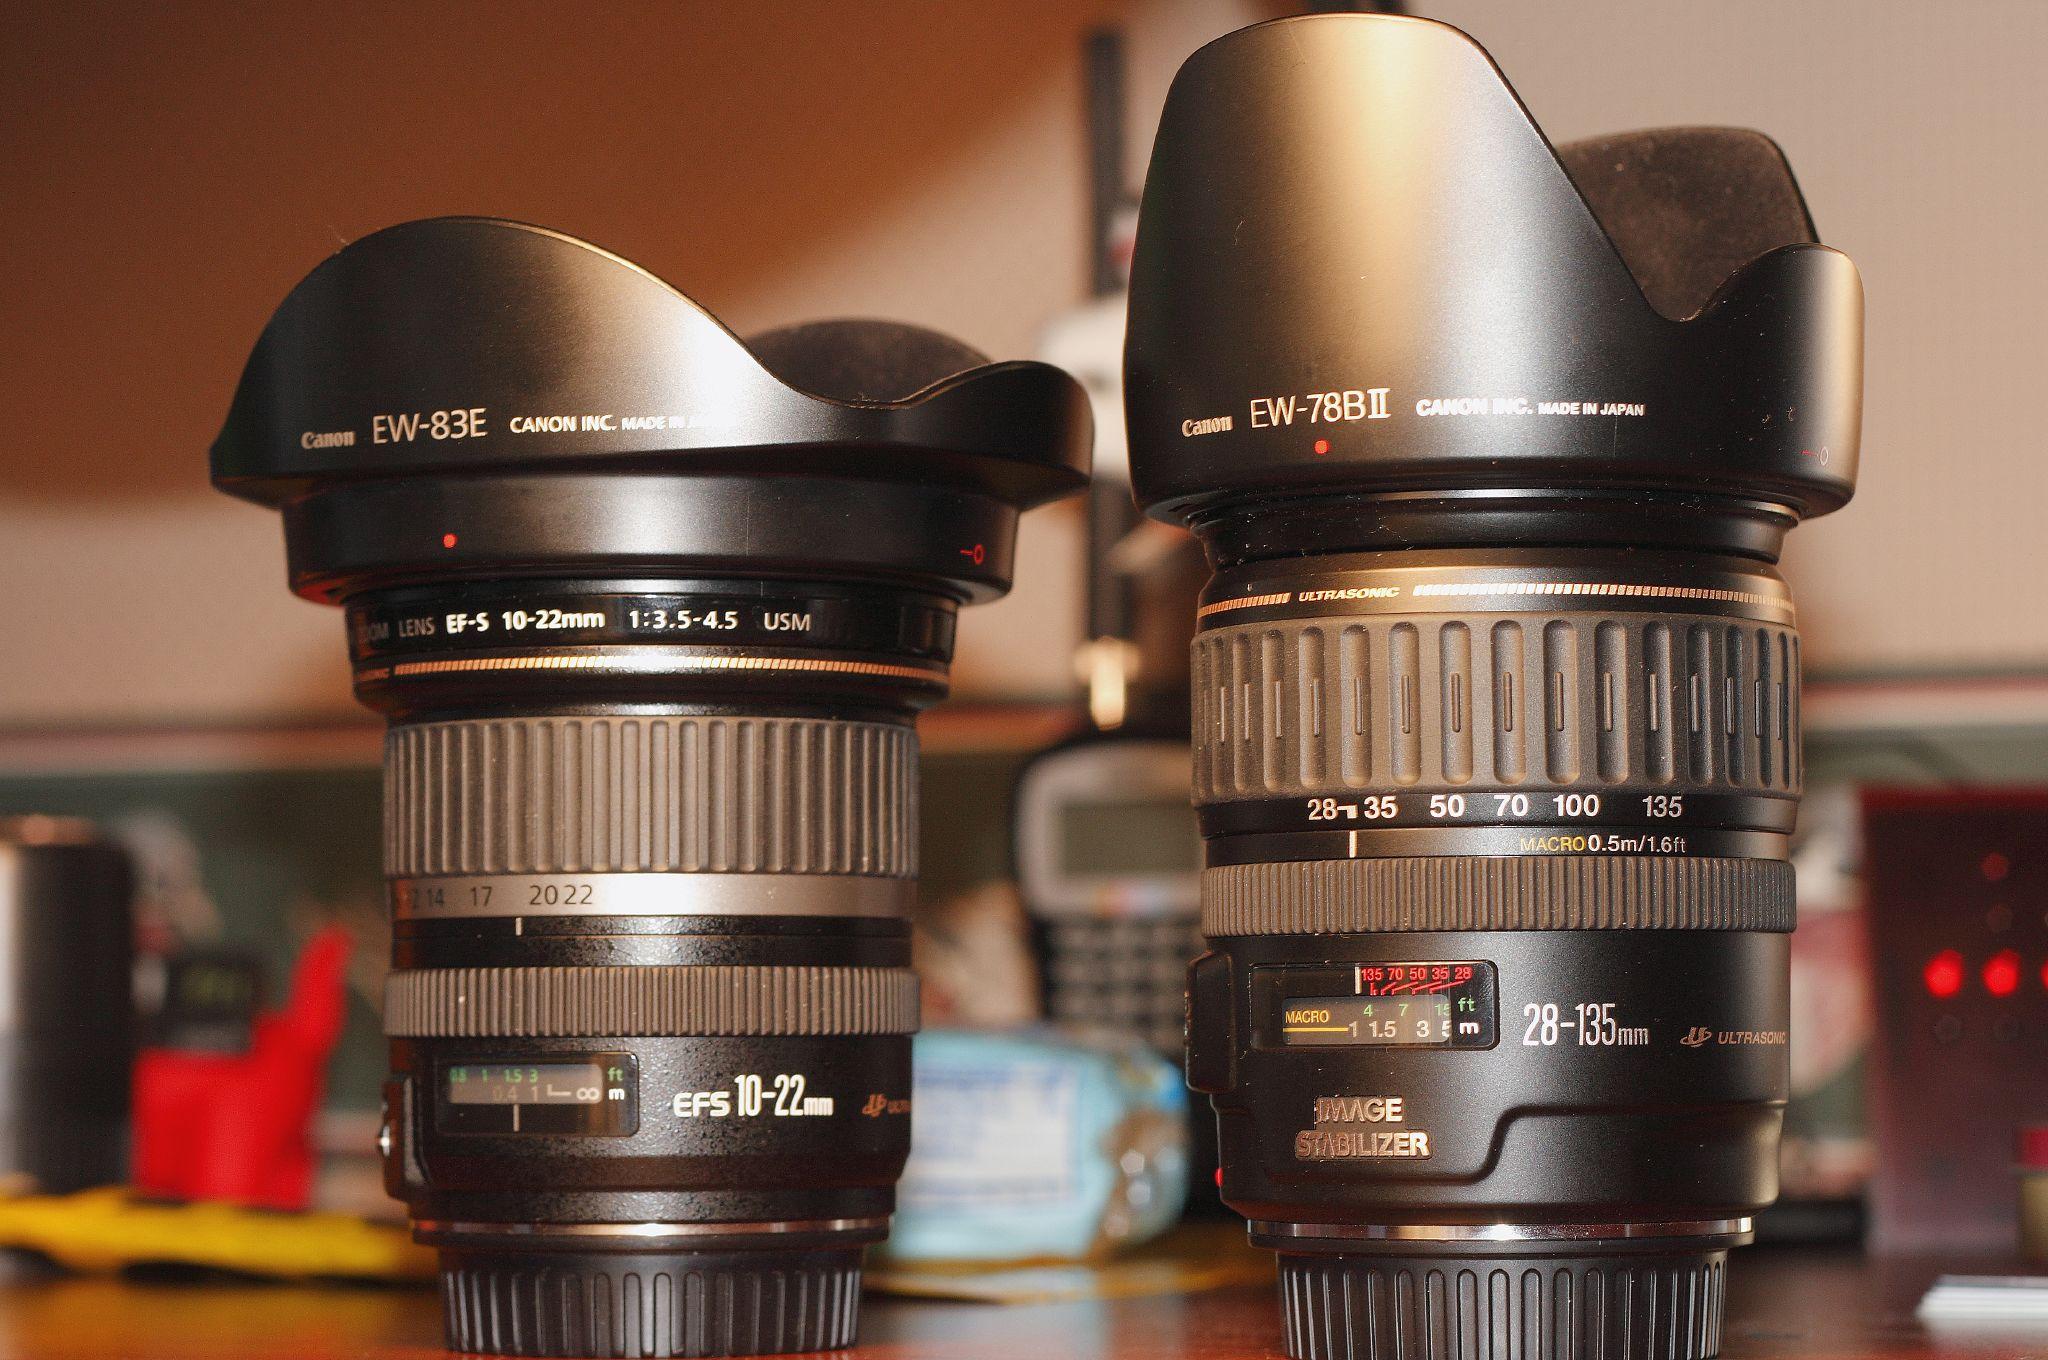 Canon EF-S 10-22mm f/ USM Sample Photos - ExploreCams Canon 10 - 22mm photos